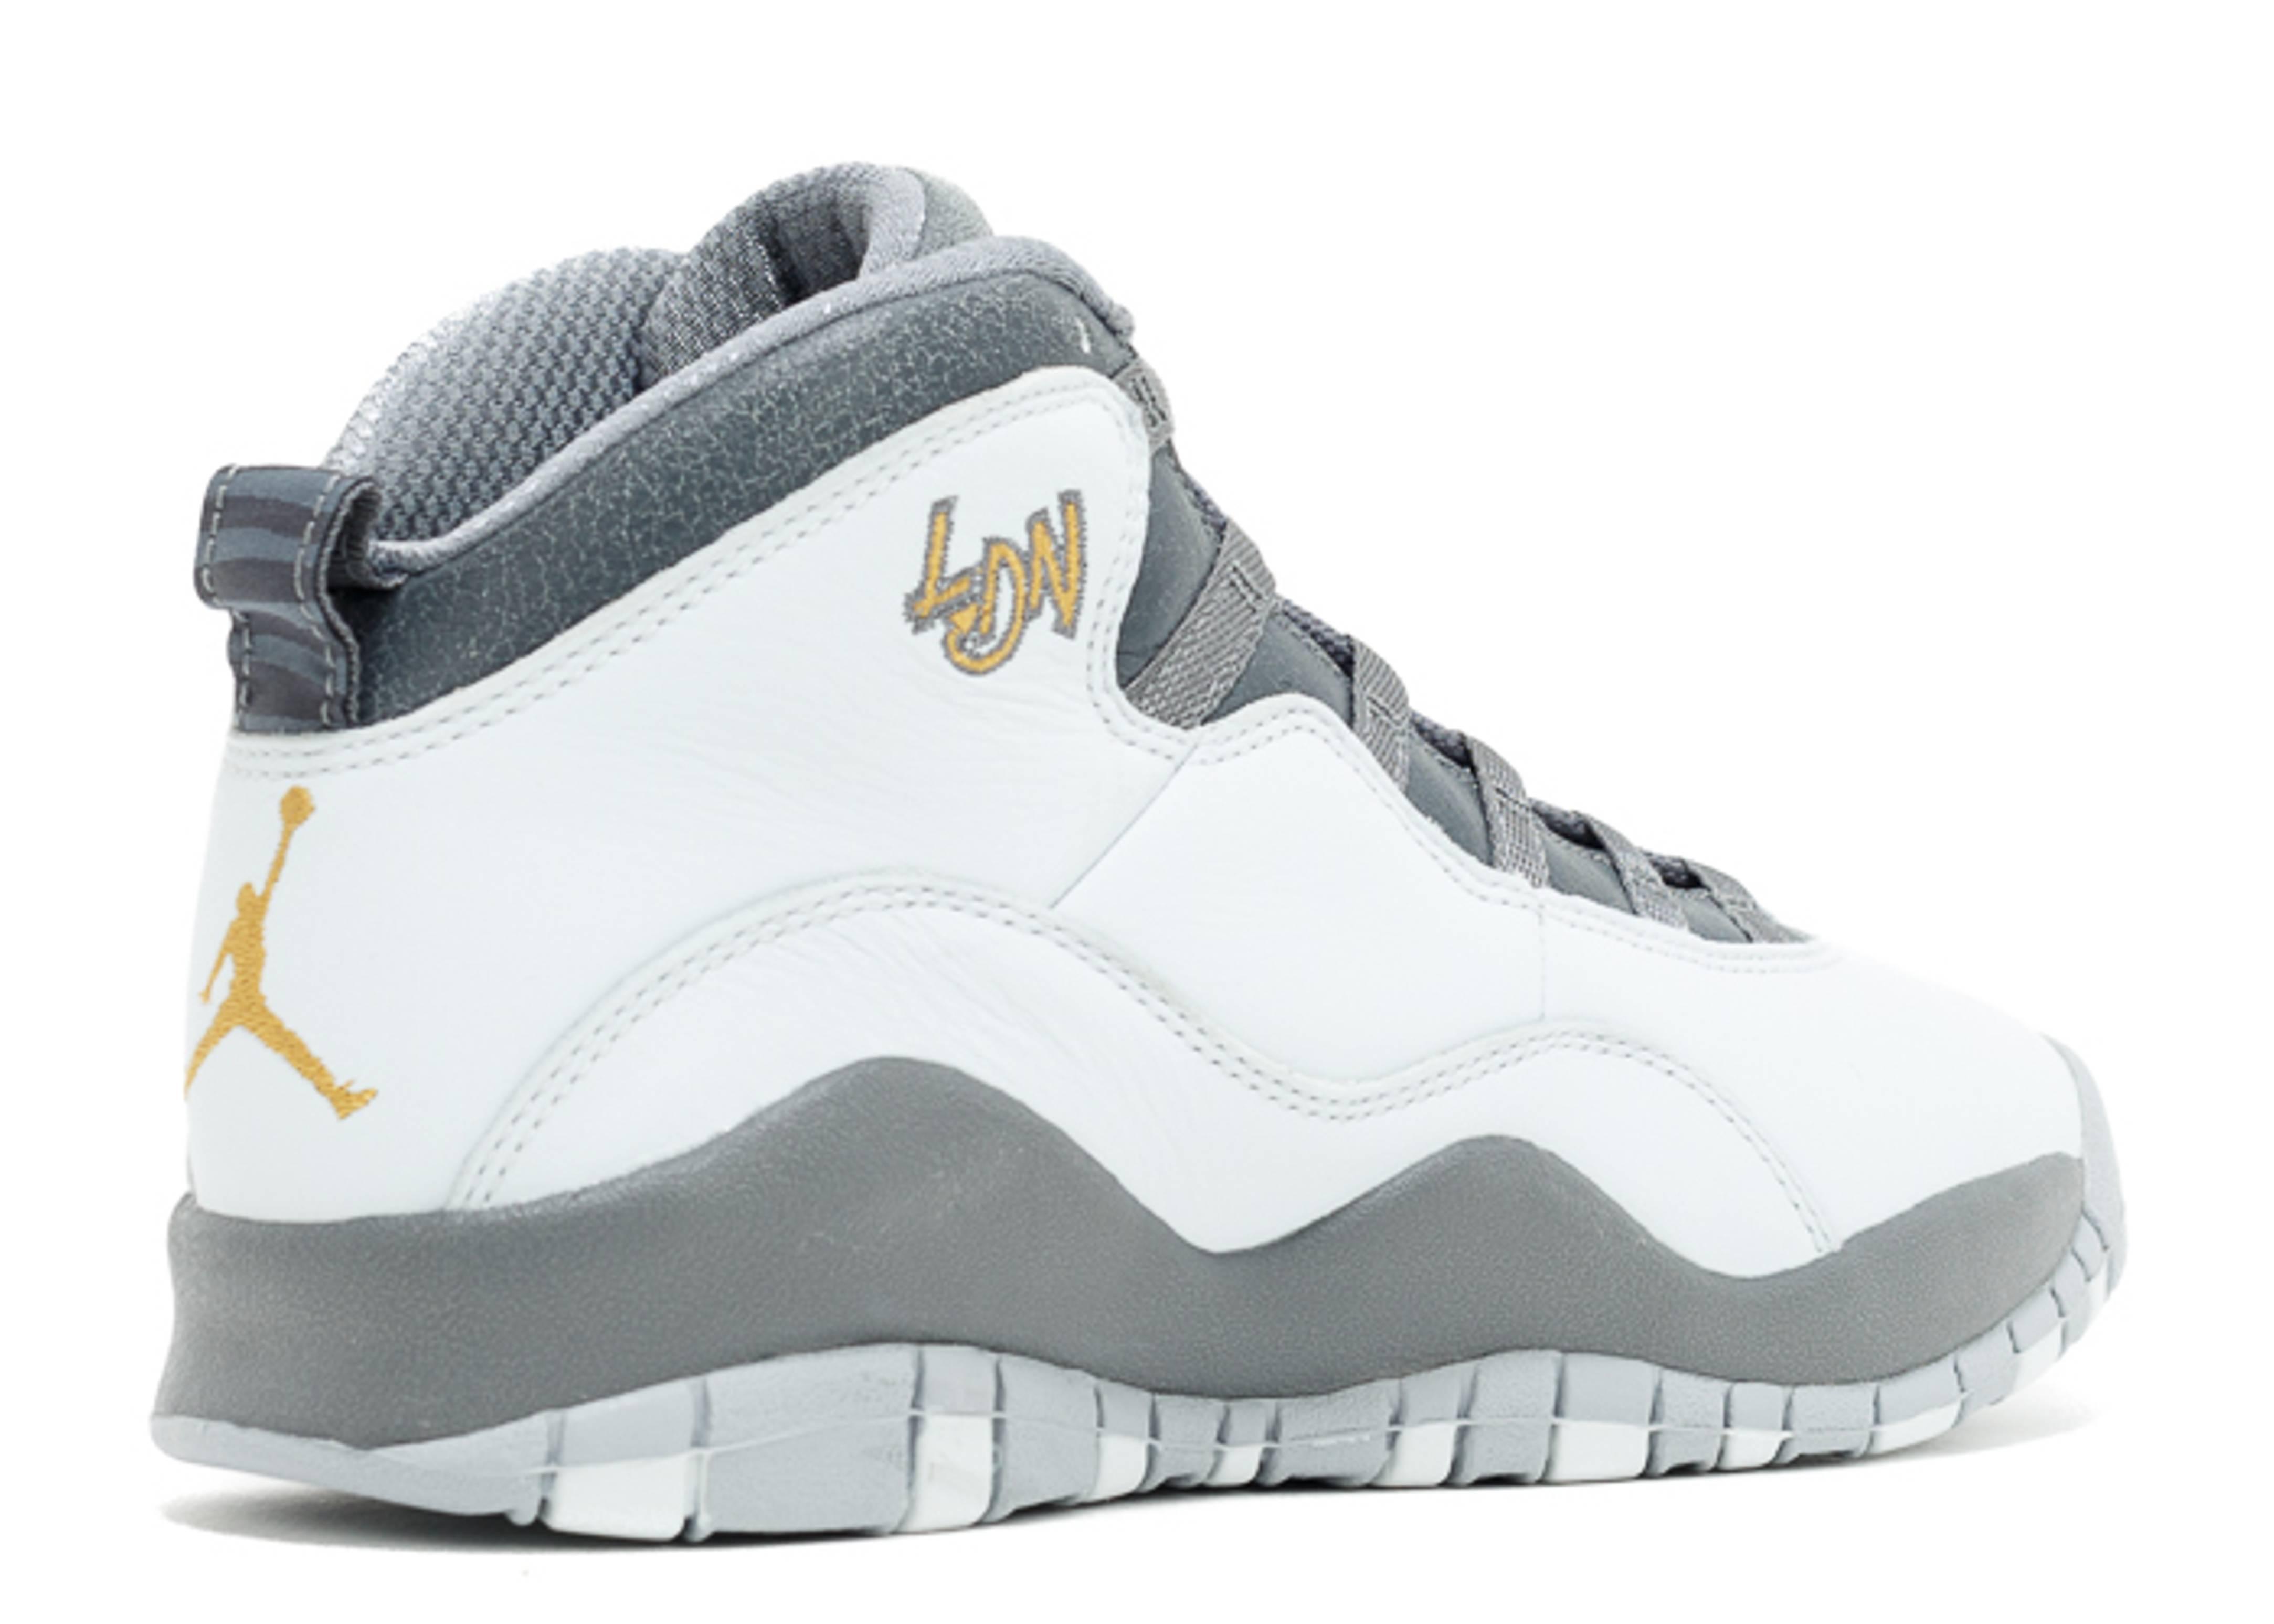 online store e1446 89f5a Air Jordan 10 Retro Bg